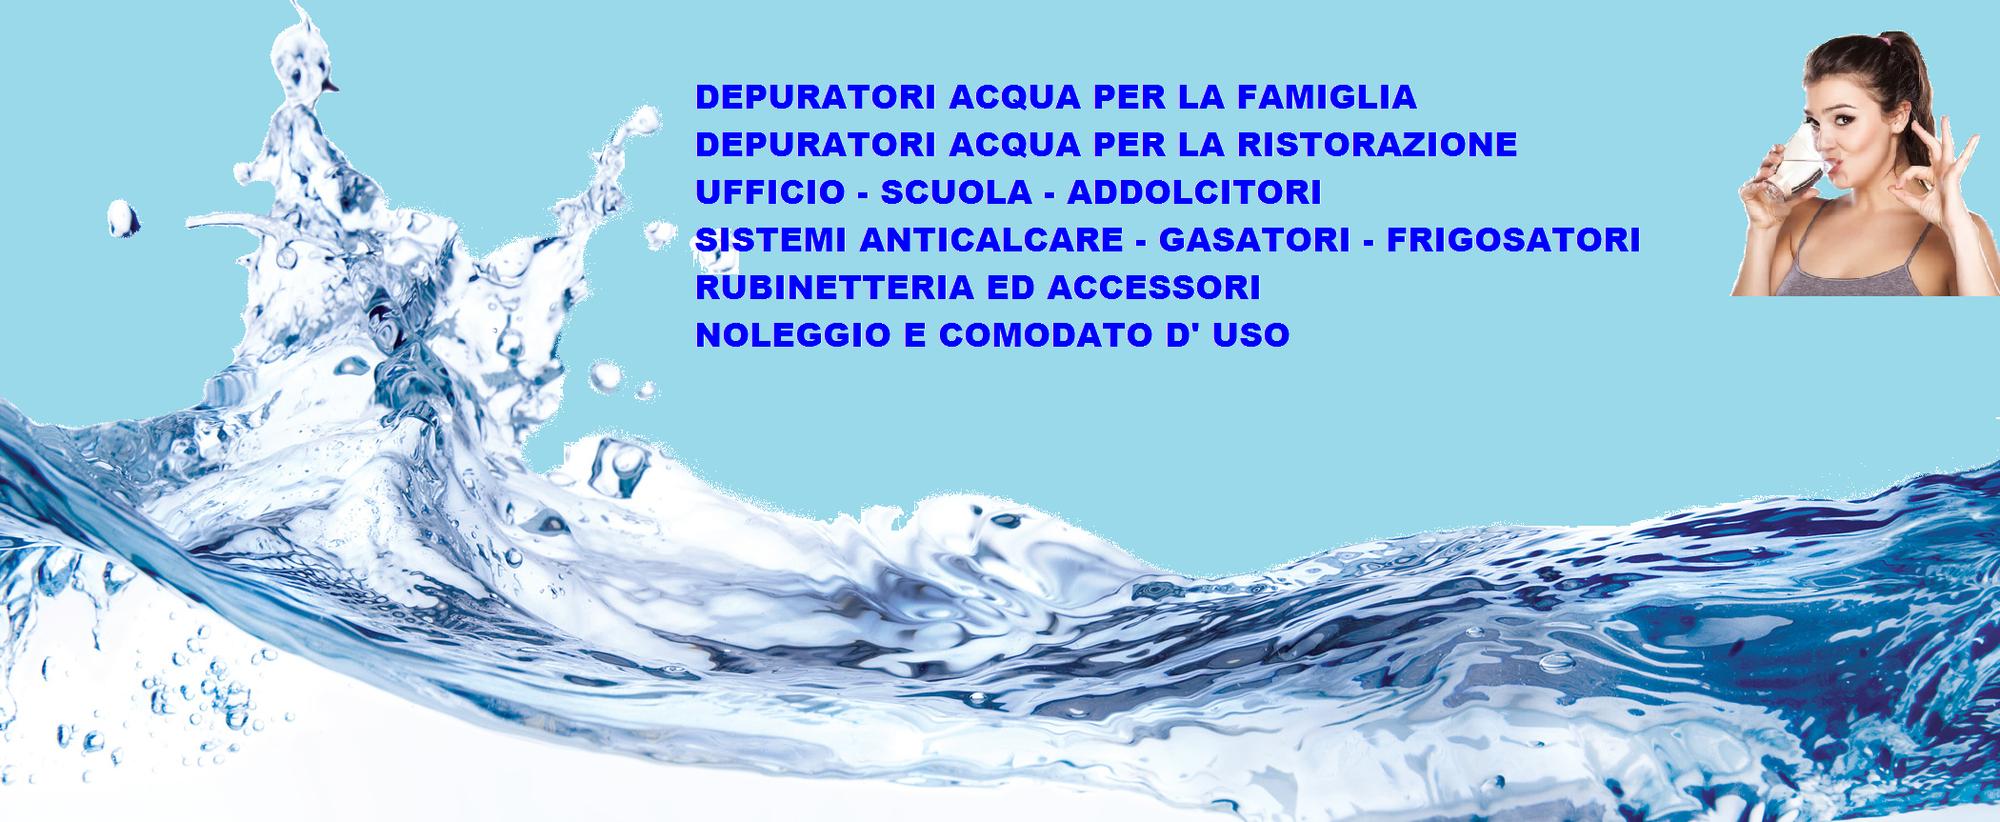 Depuratore Acqua Ok Purificatori Acqua In Comodato D Uso Gratuito